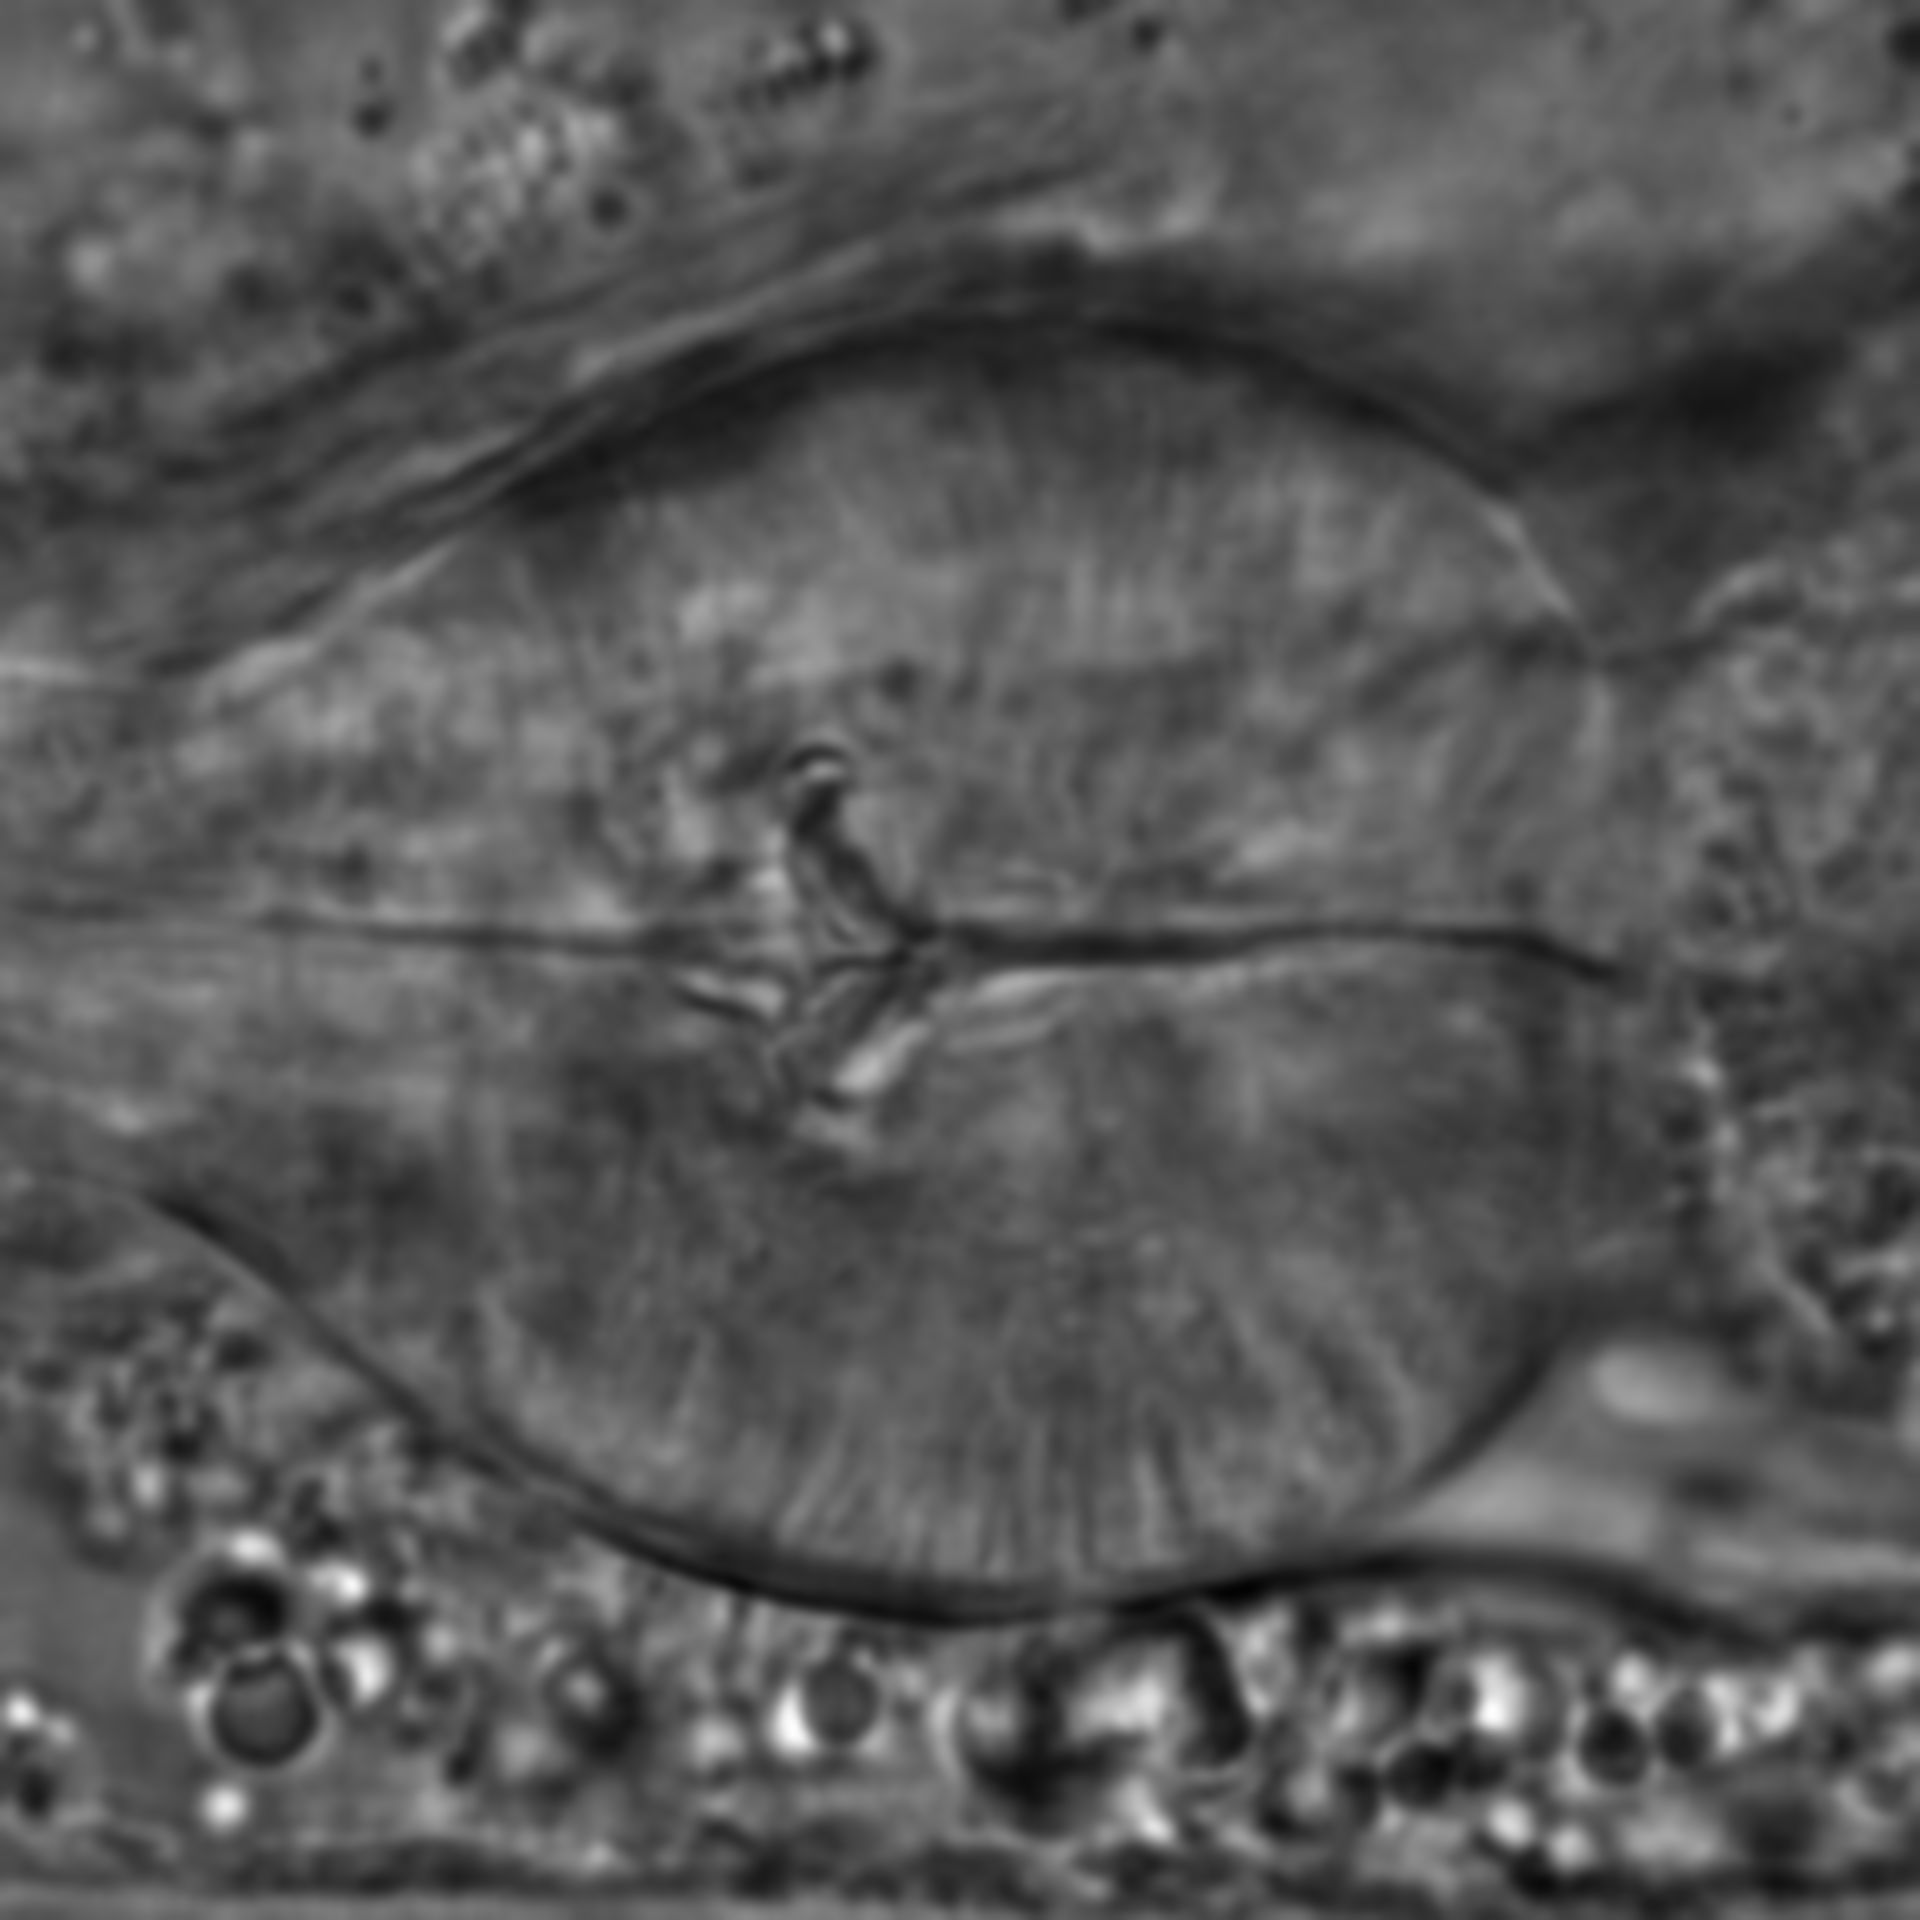 Caenorhabditis elegans - CIL:1738